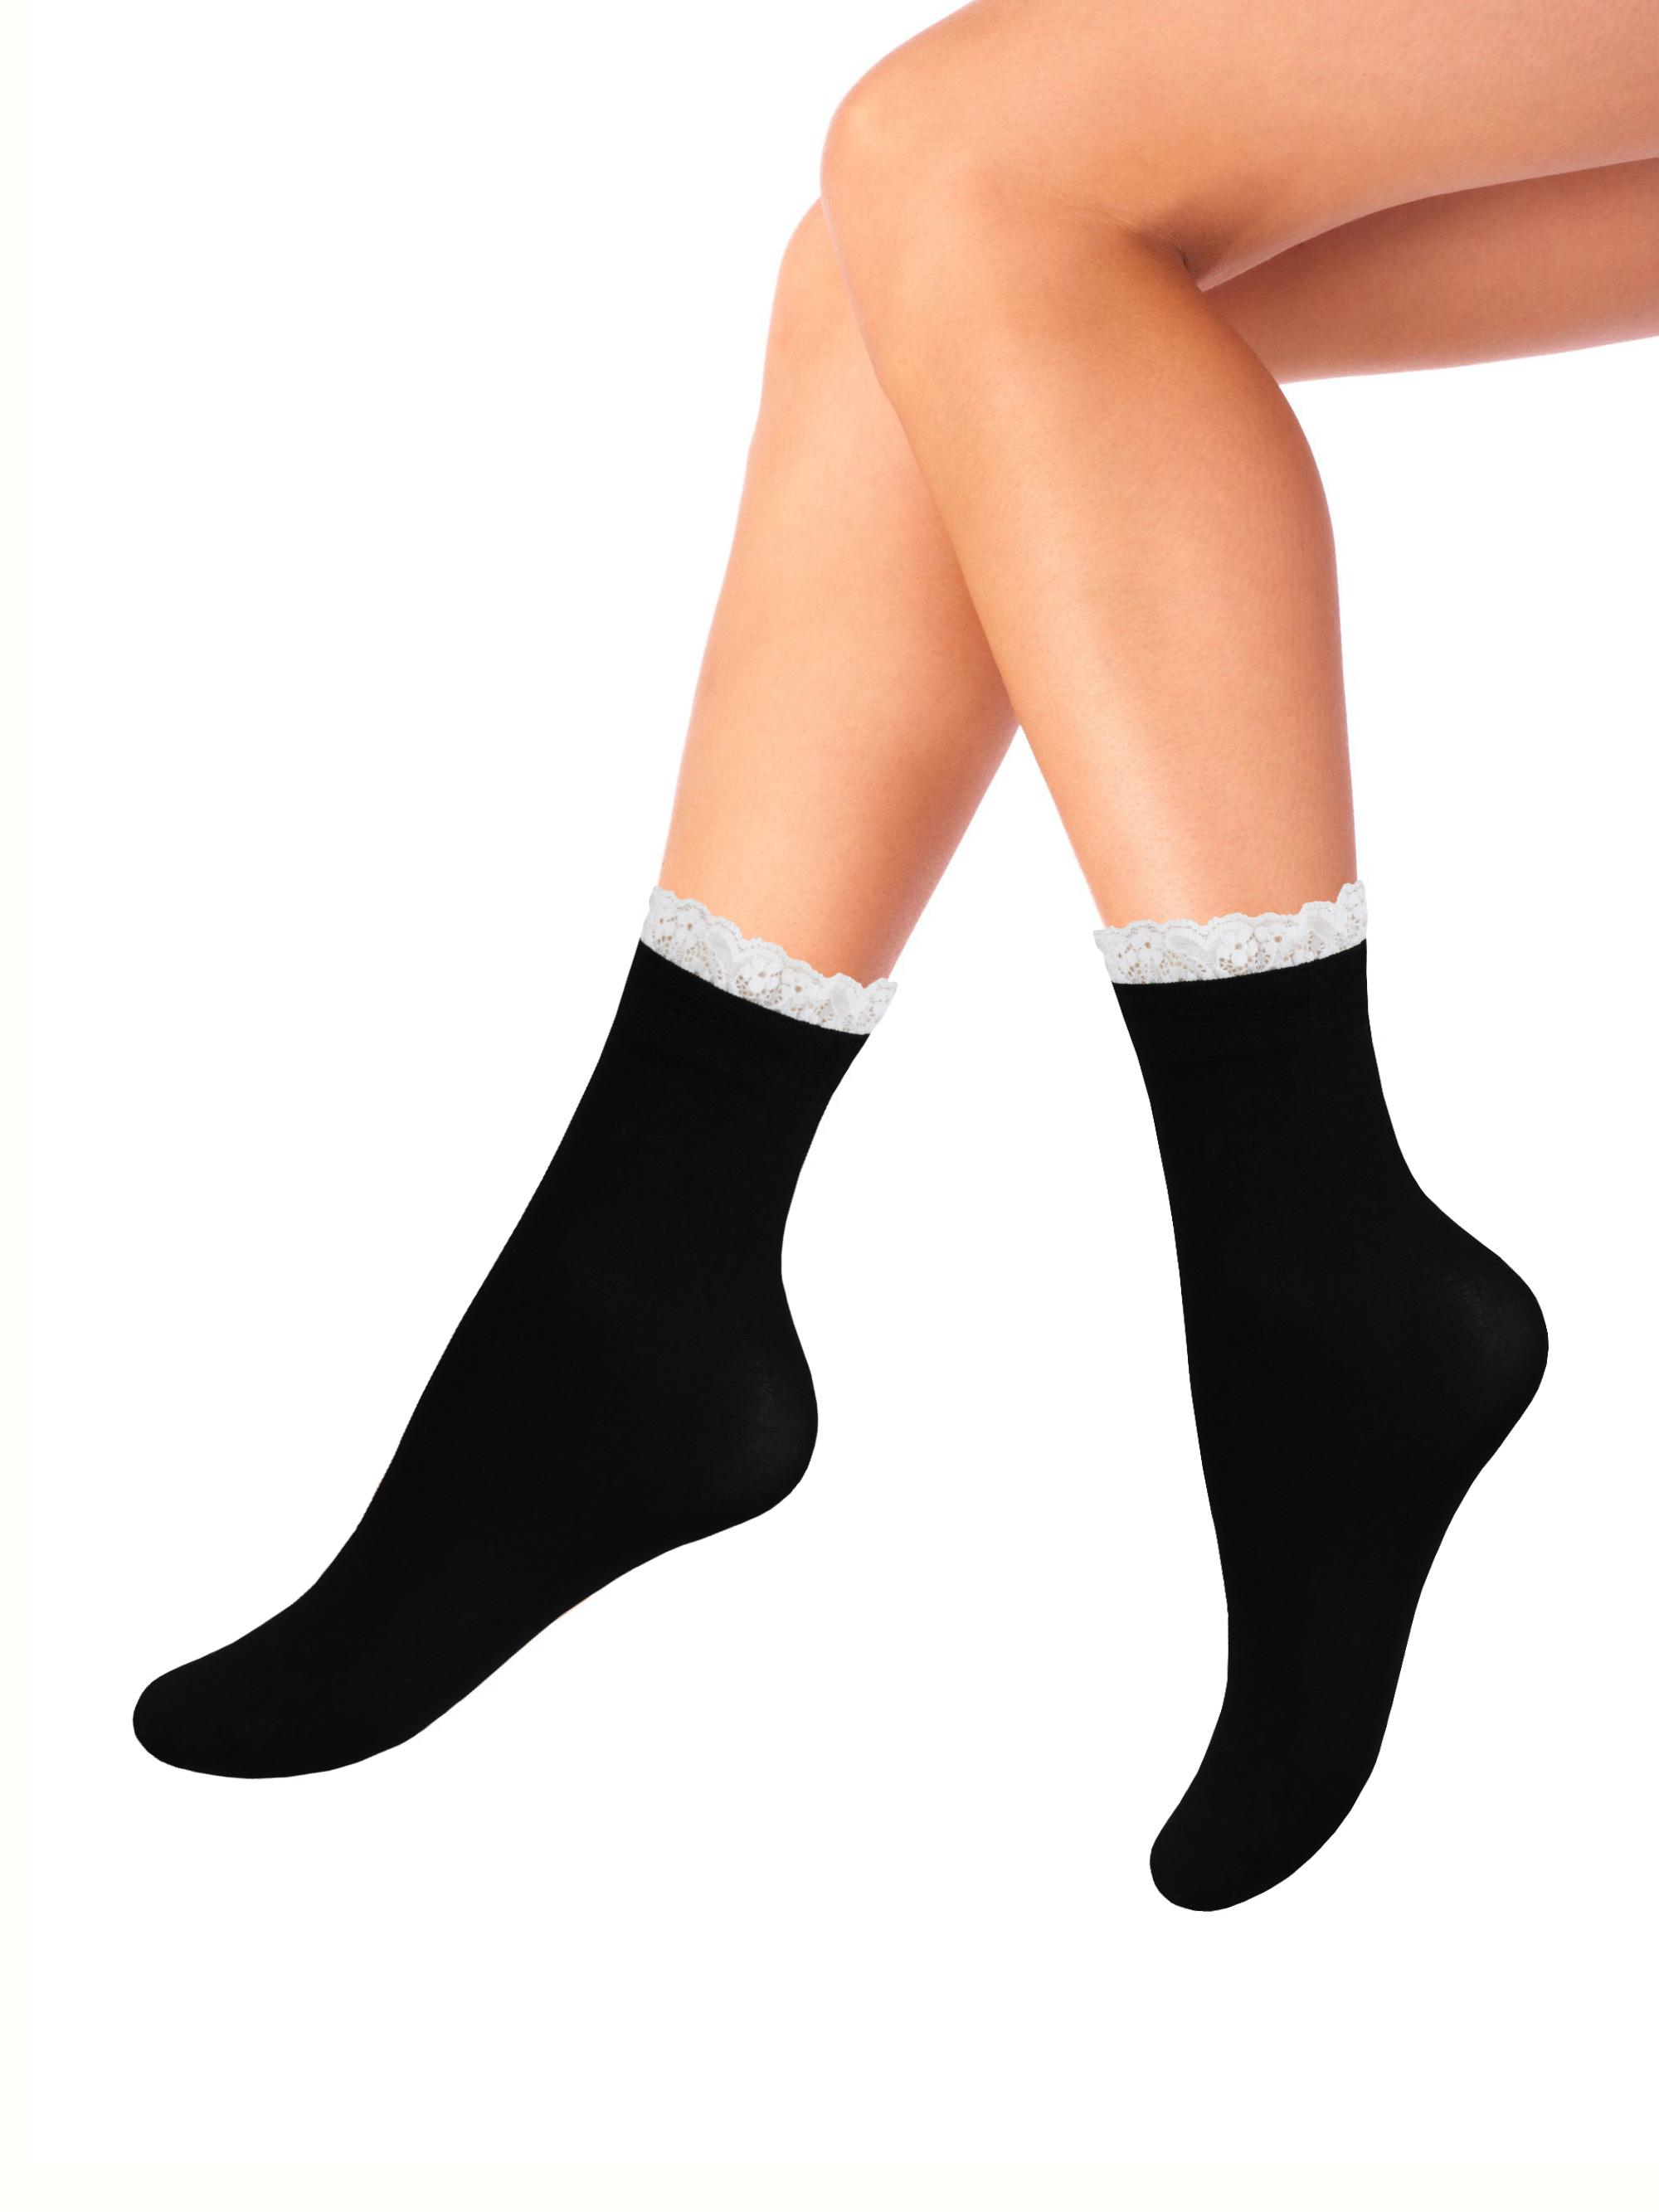 Капроновые носки женские Mademoiselle Romantic (c.) черные UNICA